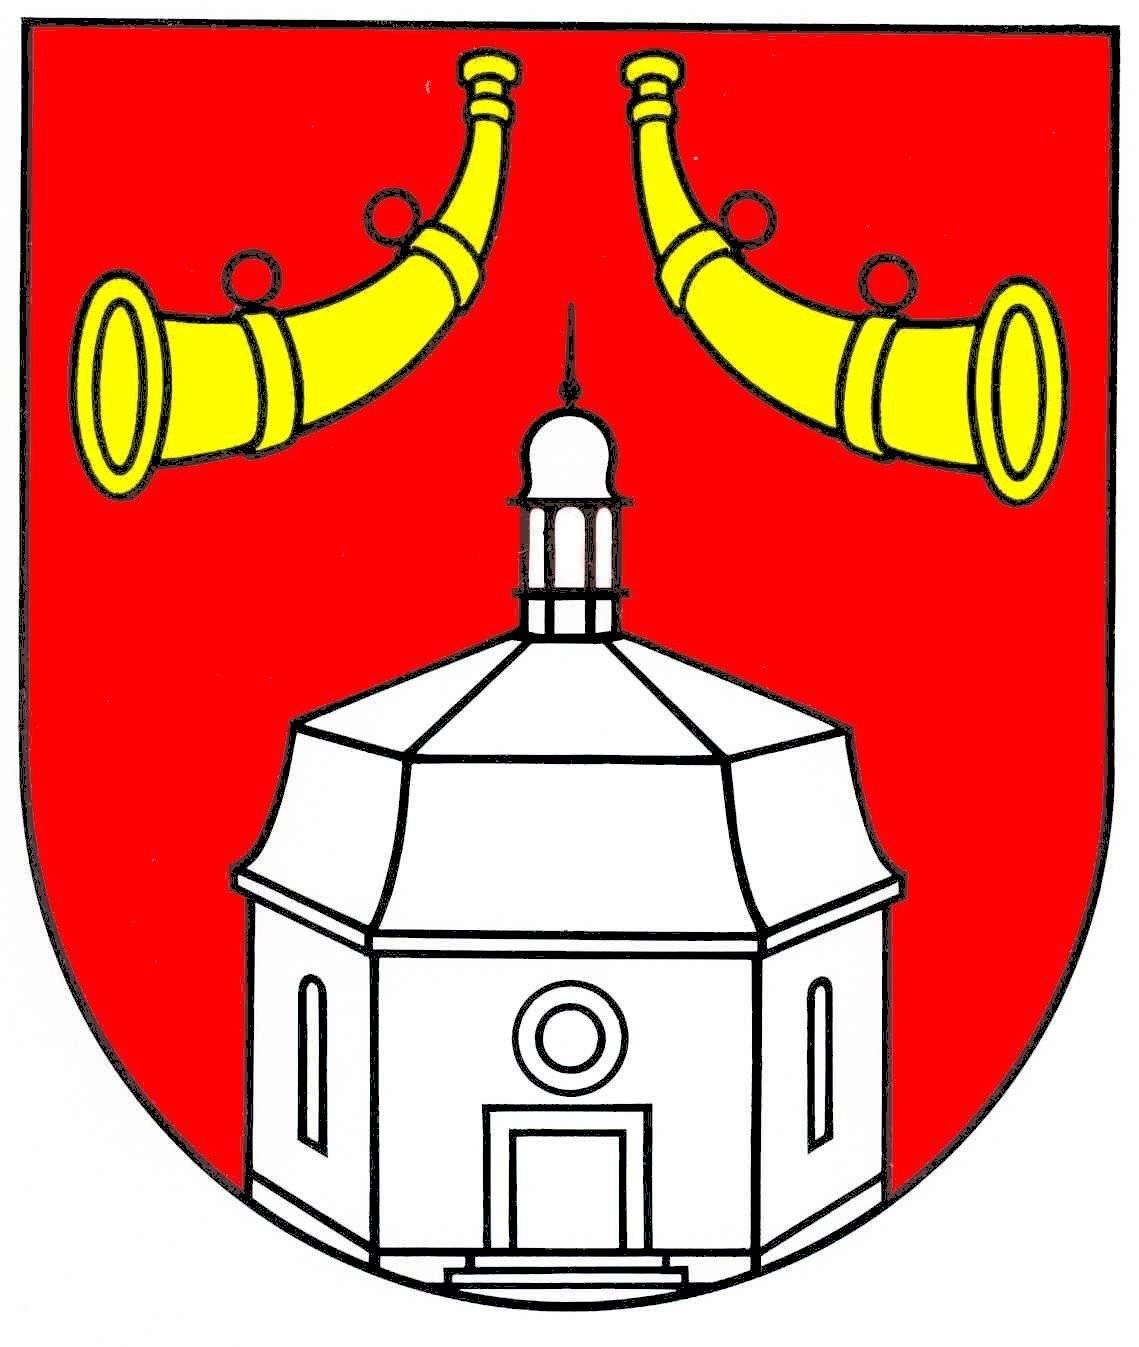 Wappen GemeindeBrande-Hörnerkirchen, Kreis Pinneberg